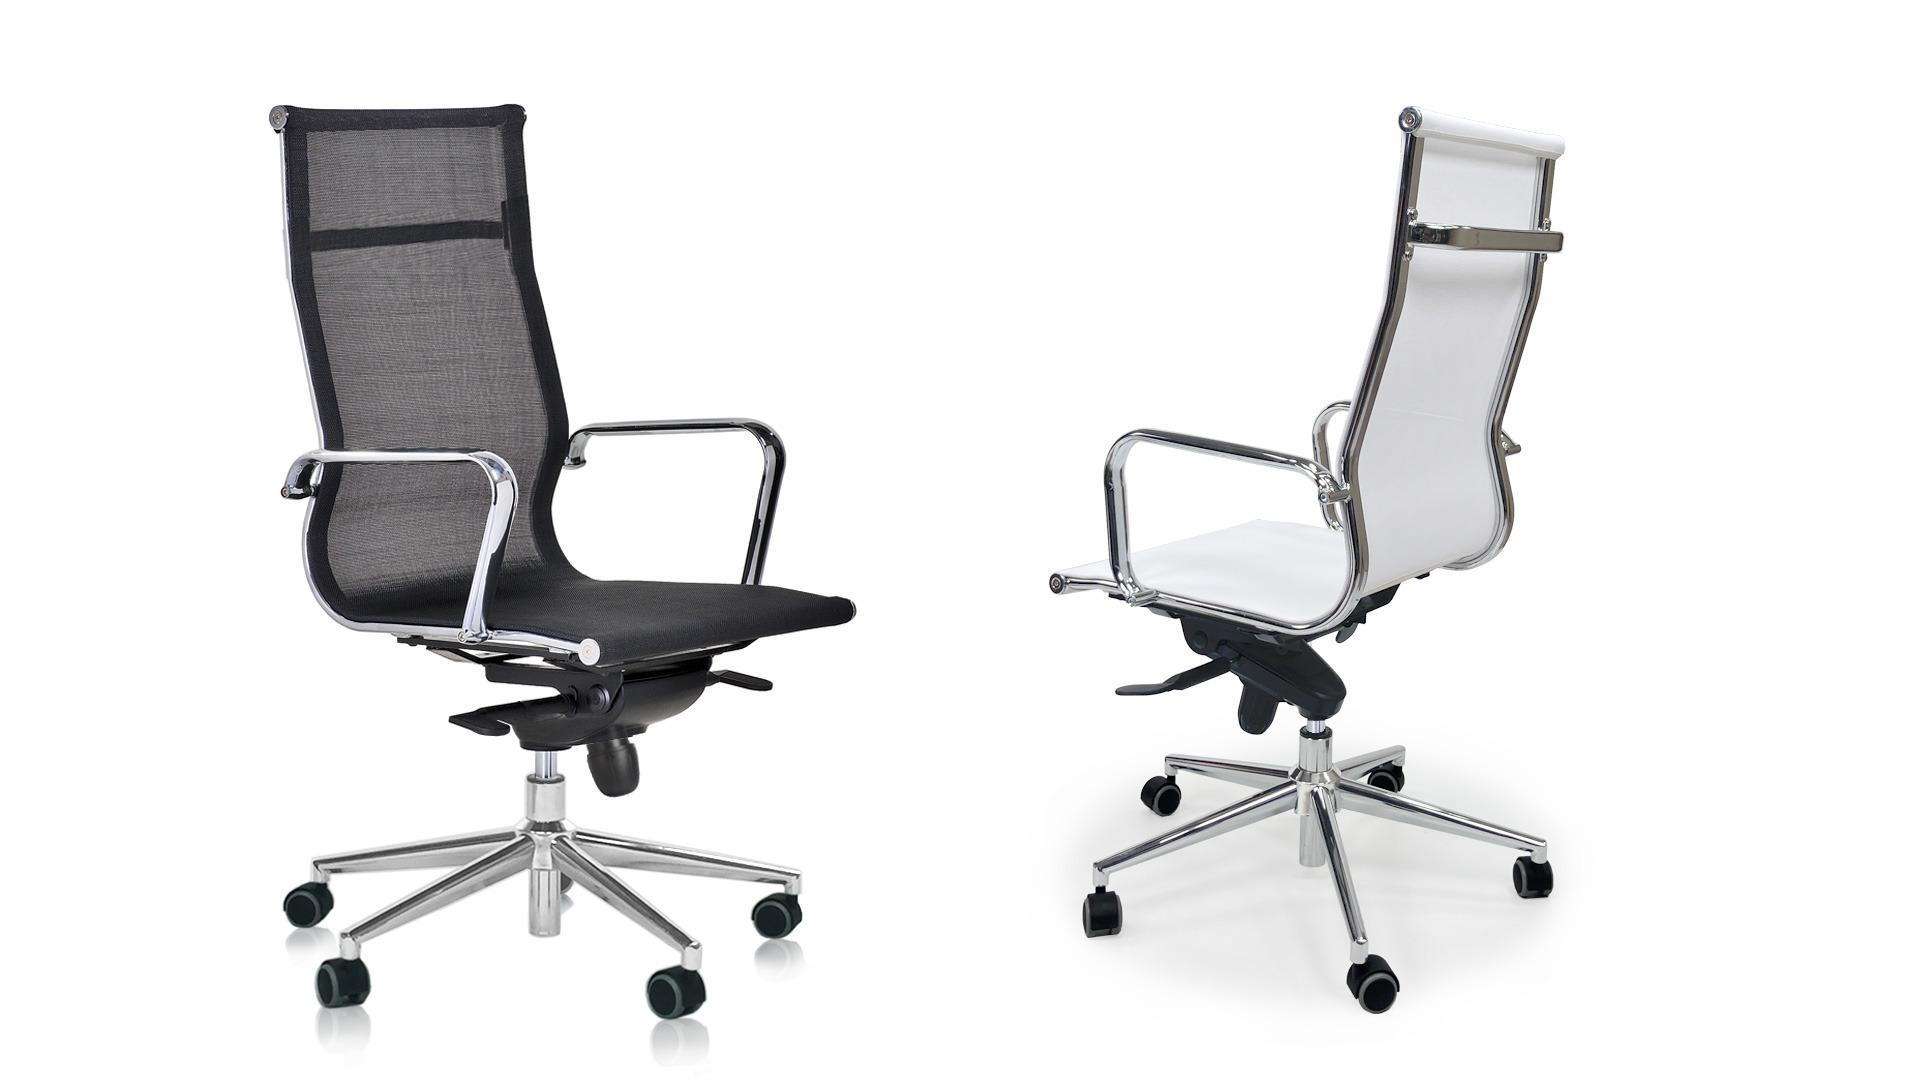 Systemh poltrone sedie ufficio da 189 00 fumustore for Compra online mobili